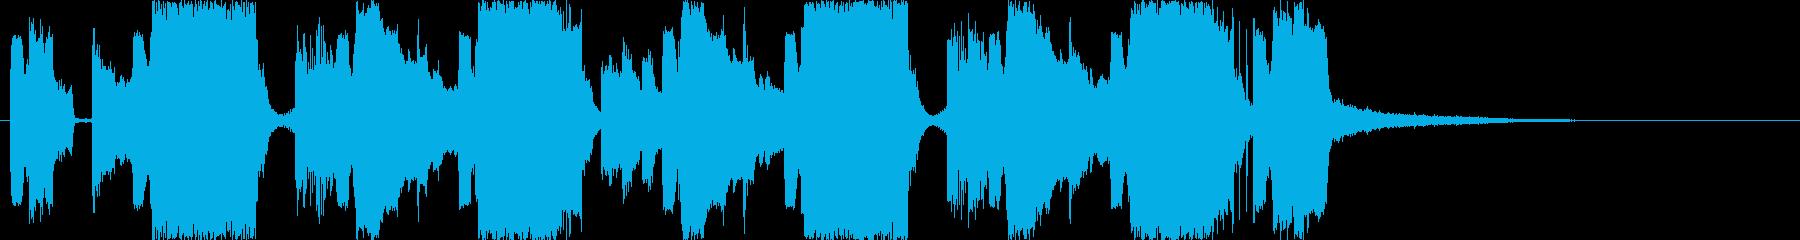 爽快なEDM/FutureBassの再生済みの波形